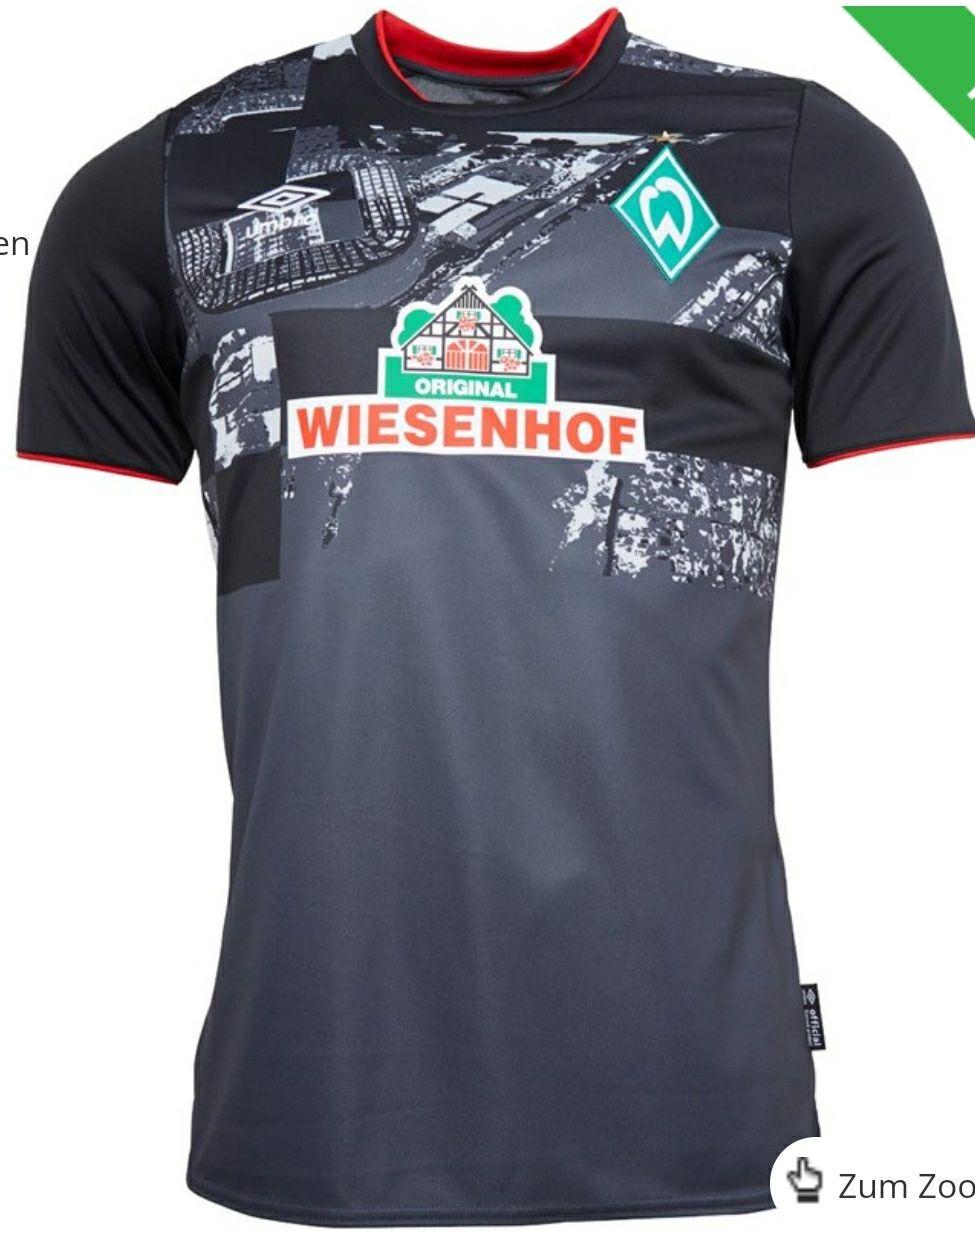 Werder Bremen Trikot 2021 Home, Away oder Event